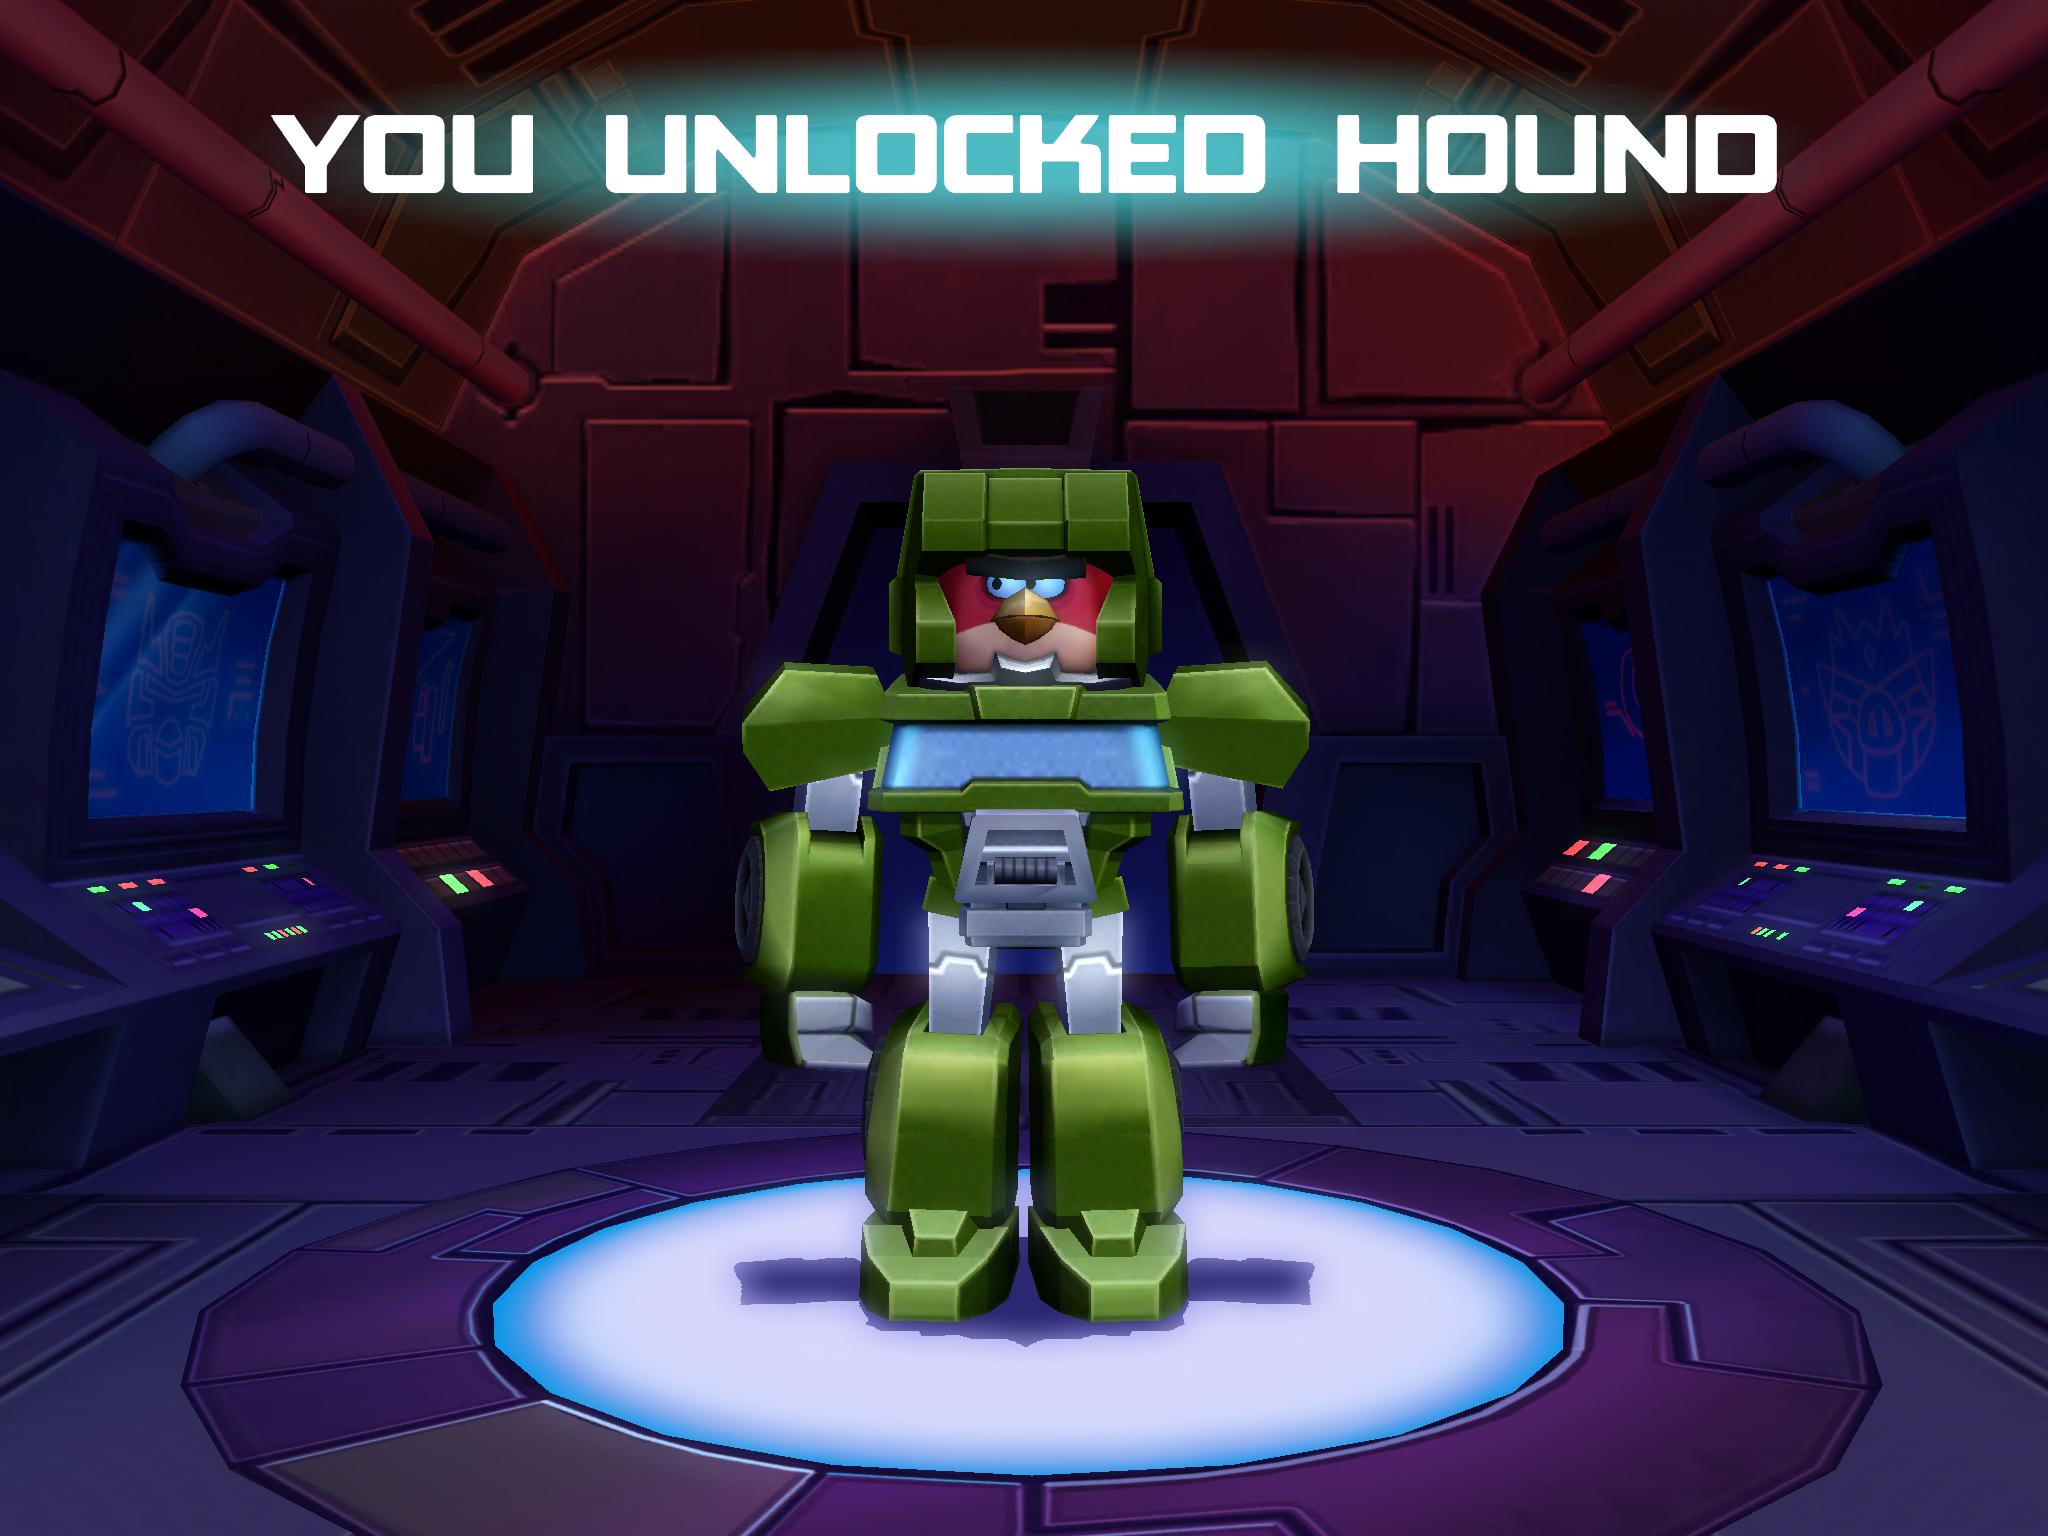 I unlocked Hound!